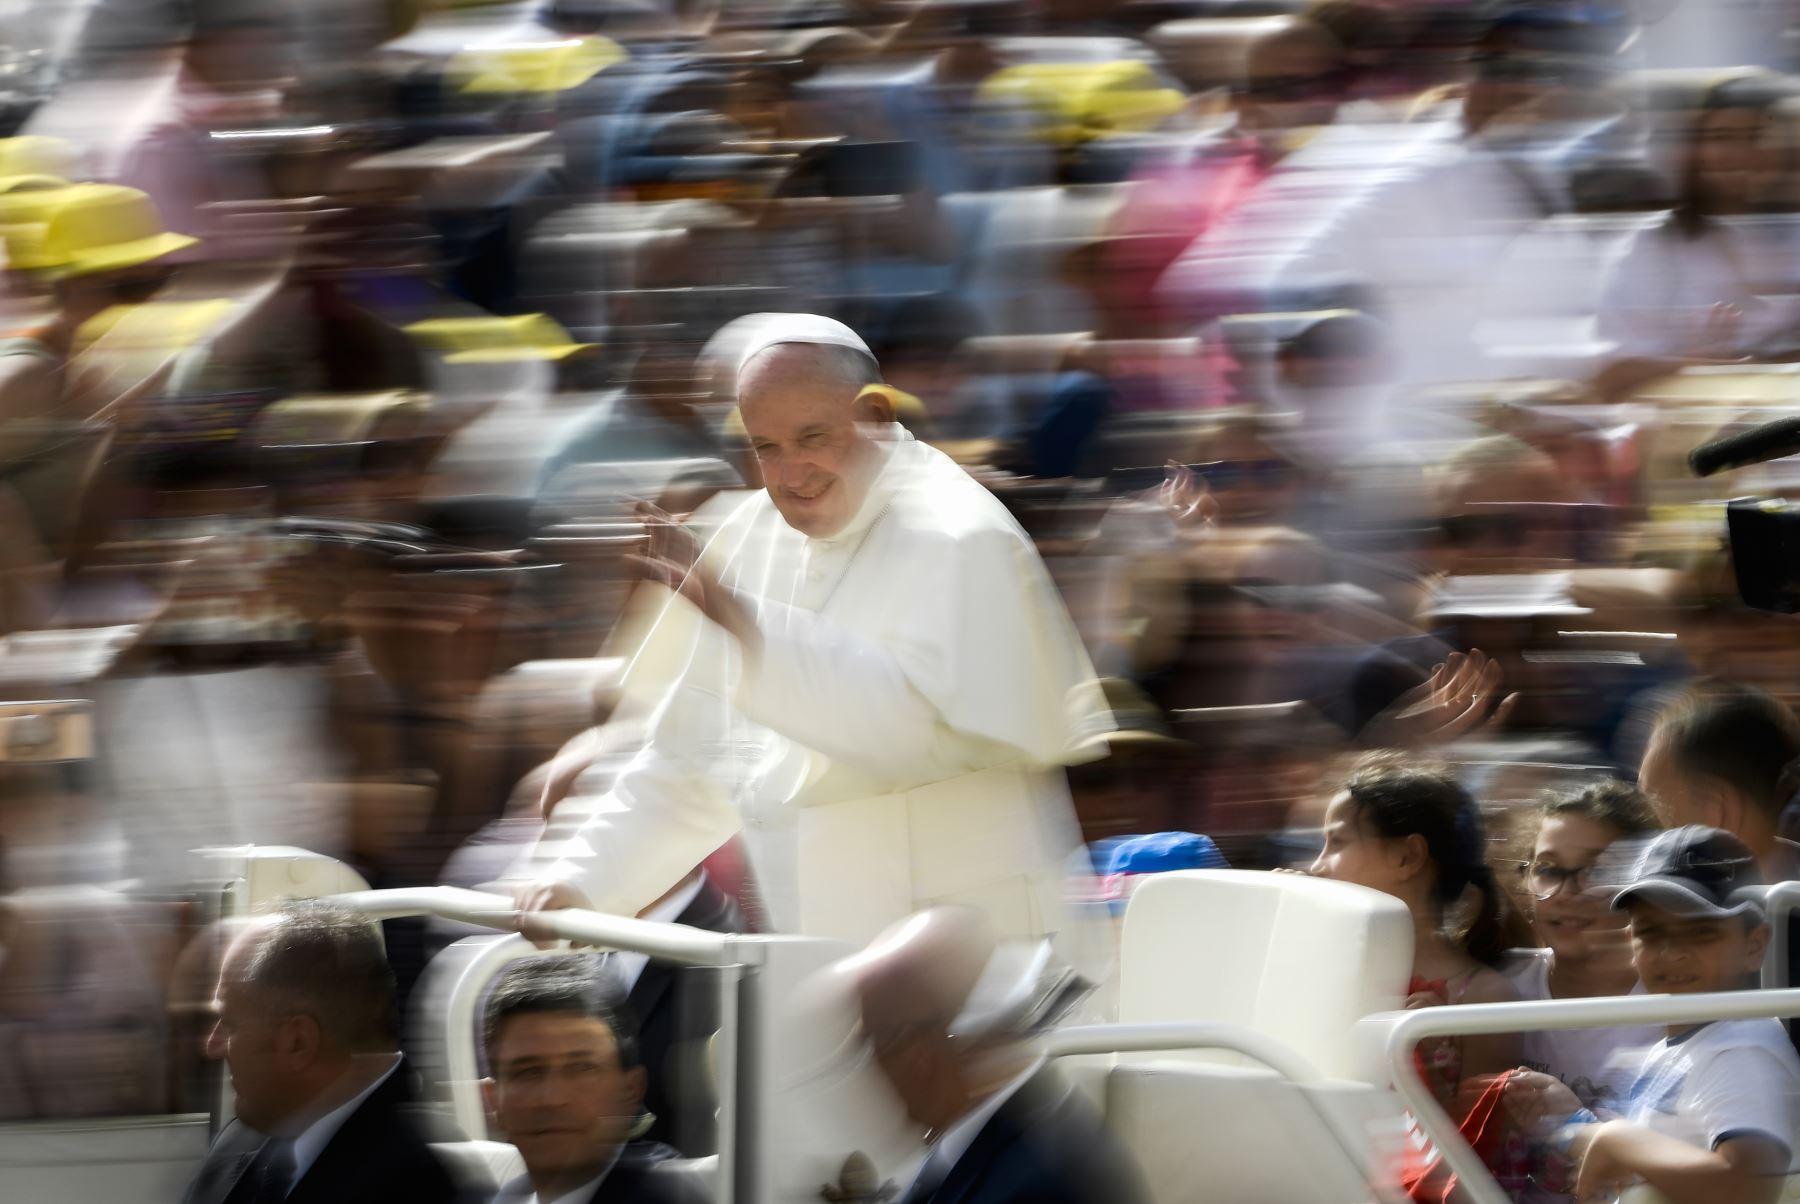 El Papa Francisco saluda a los fieles a su llegada a la plaza de San Pedro en el Vaticano. Foto: AFP